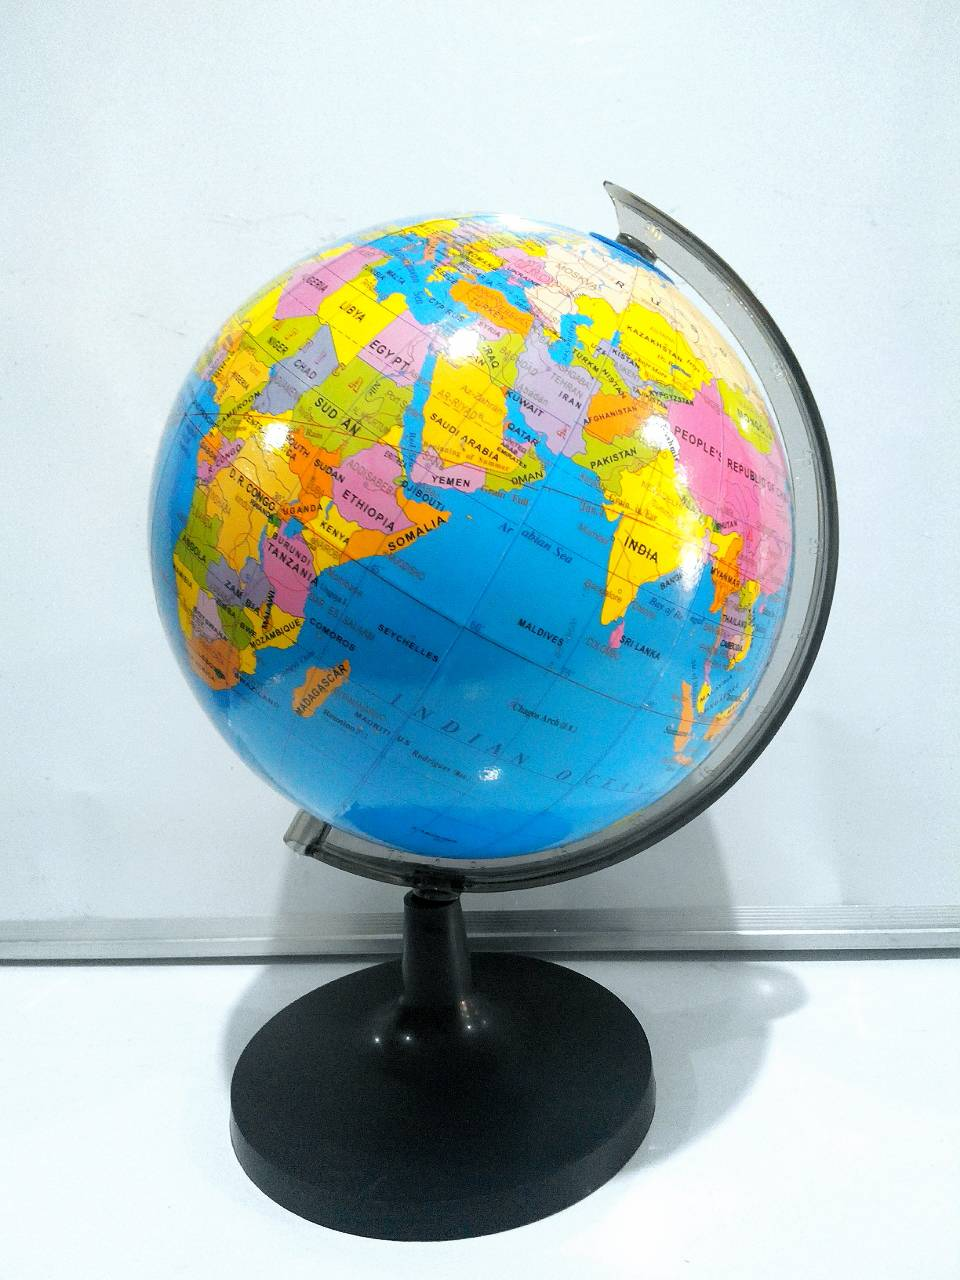 Jual Bola Dunia Globe Meja 182cm Murah Grosir Import